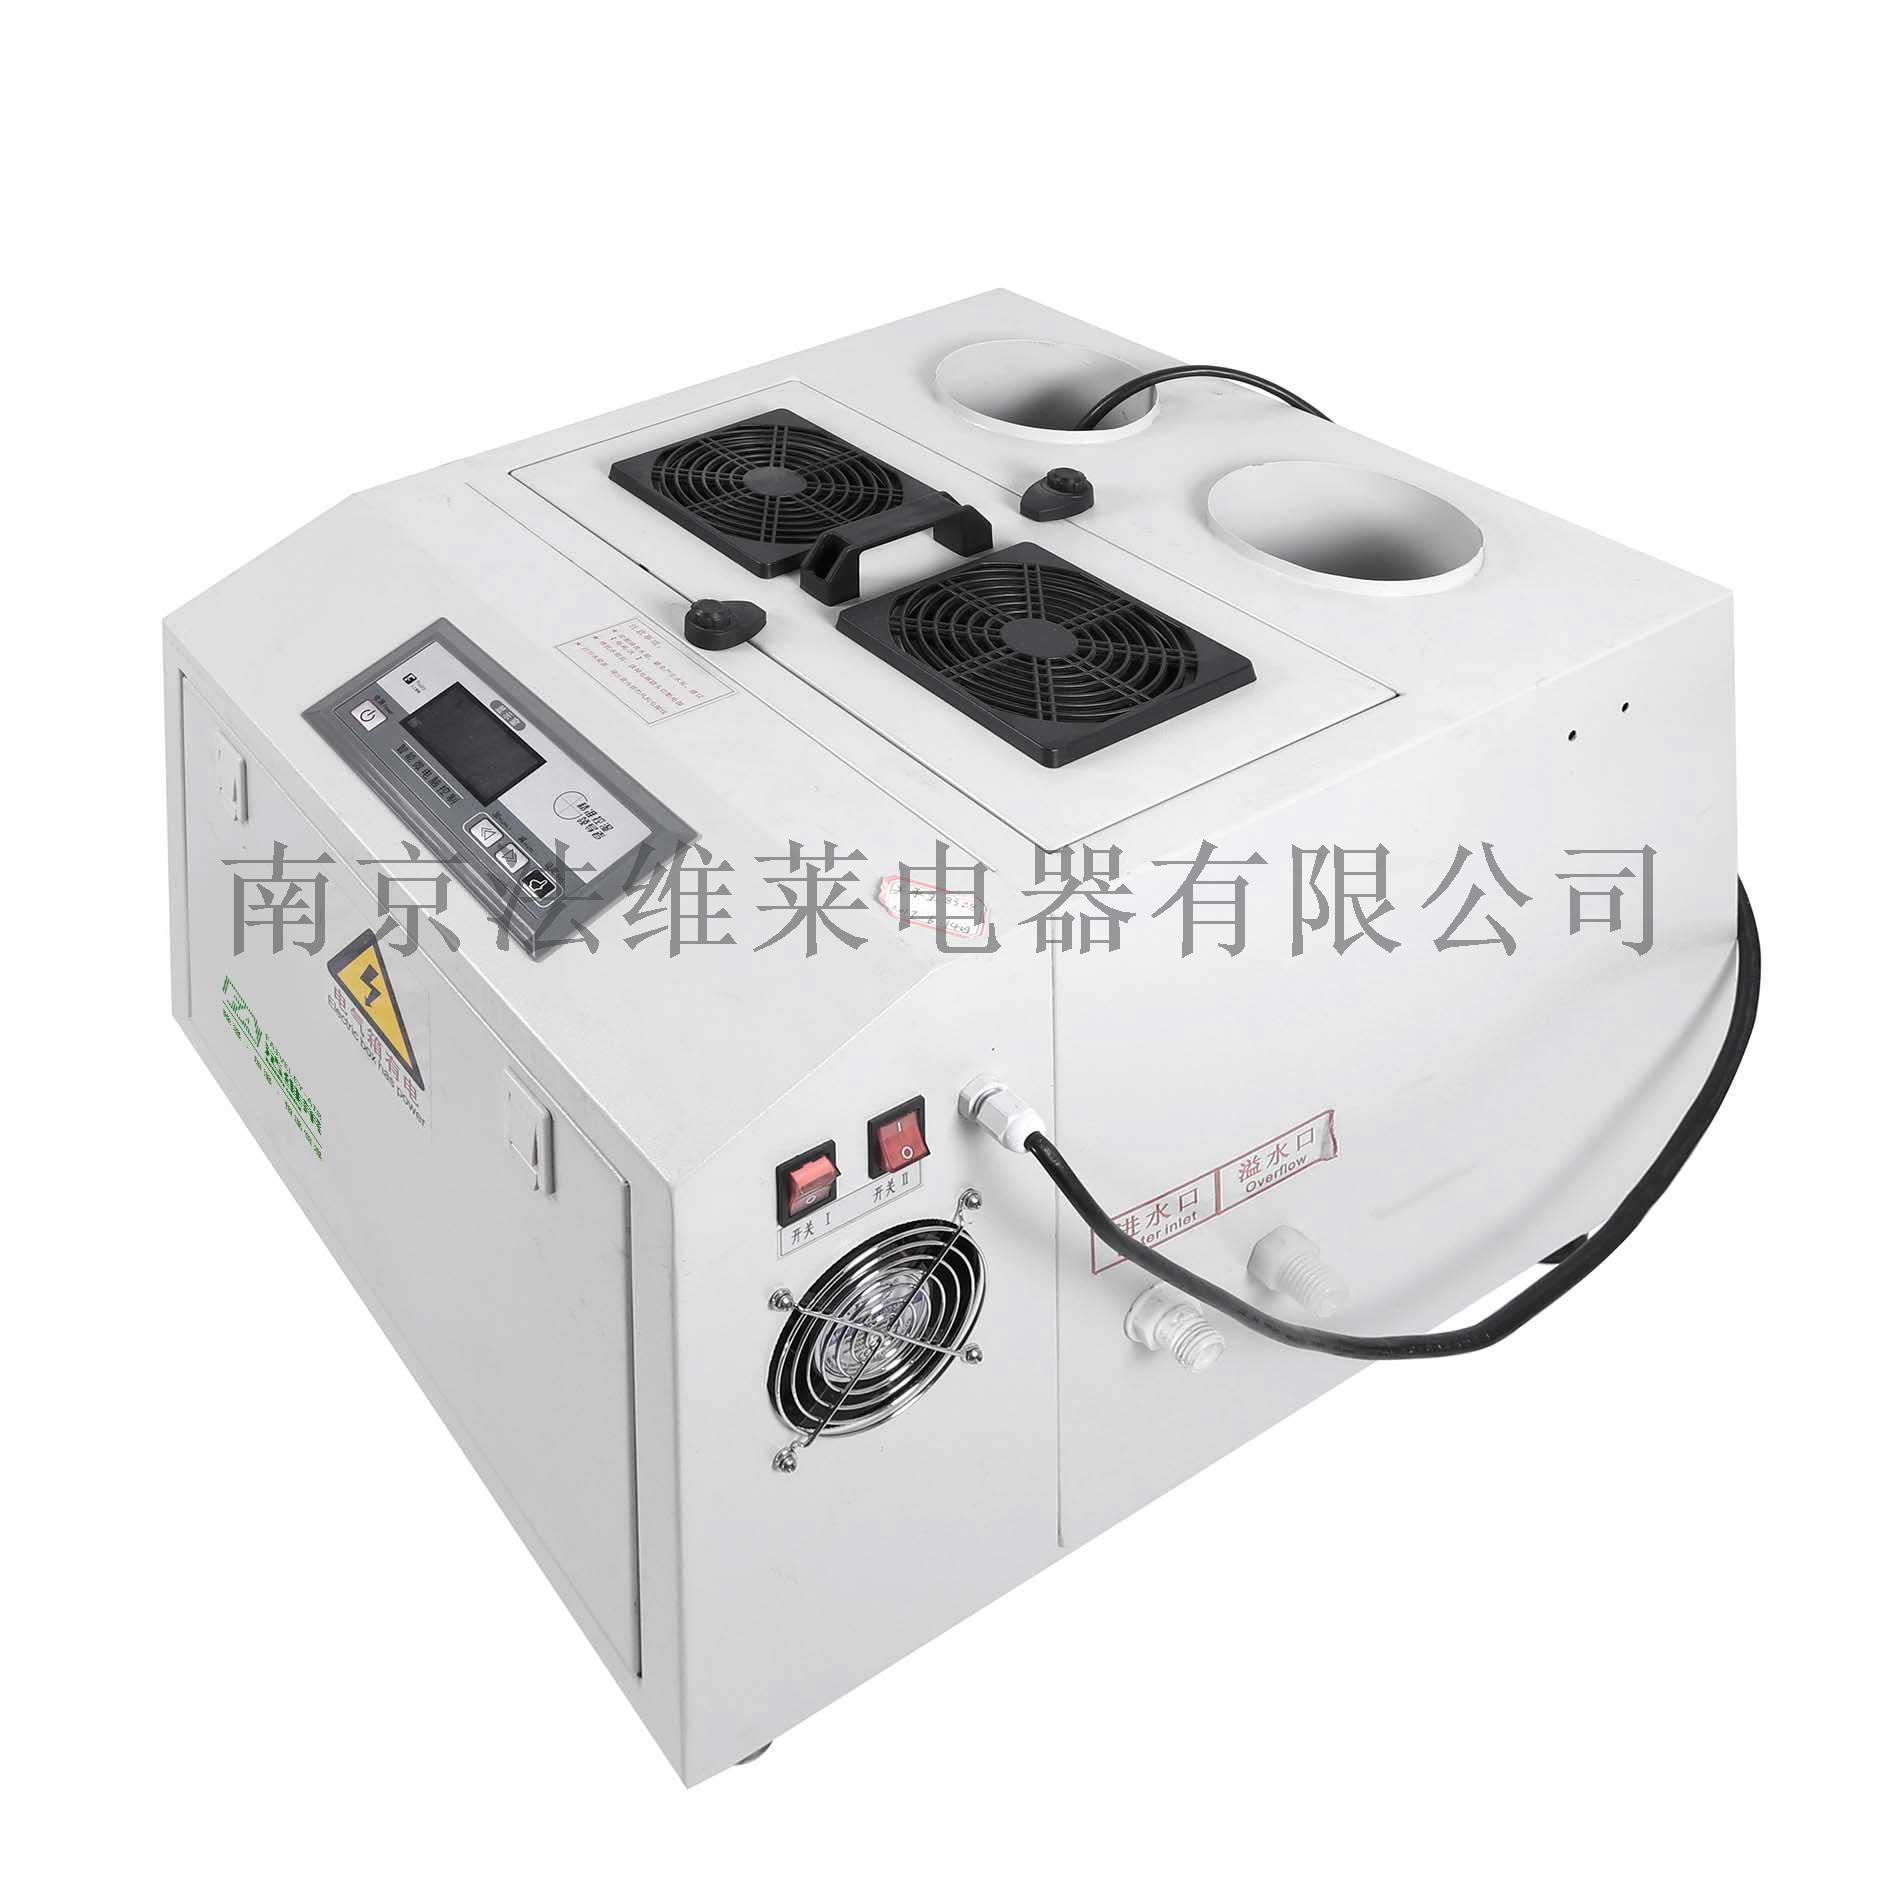 法维莱FACJ系列超声波加湿器770588935